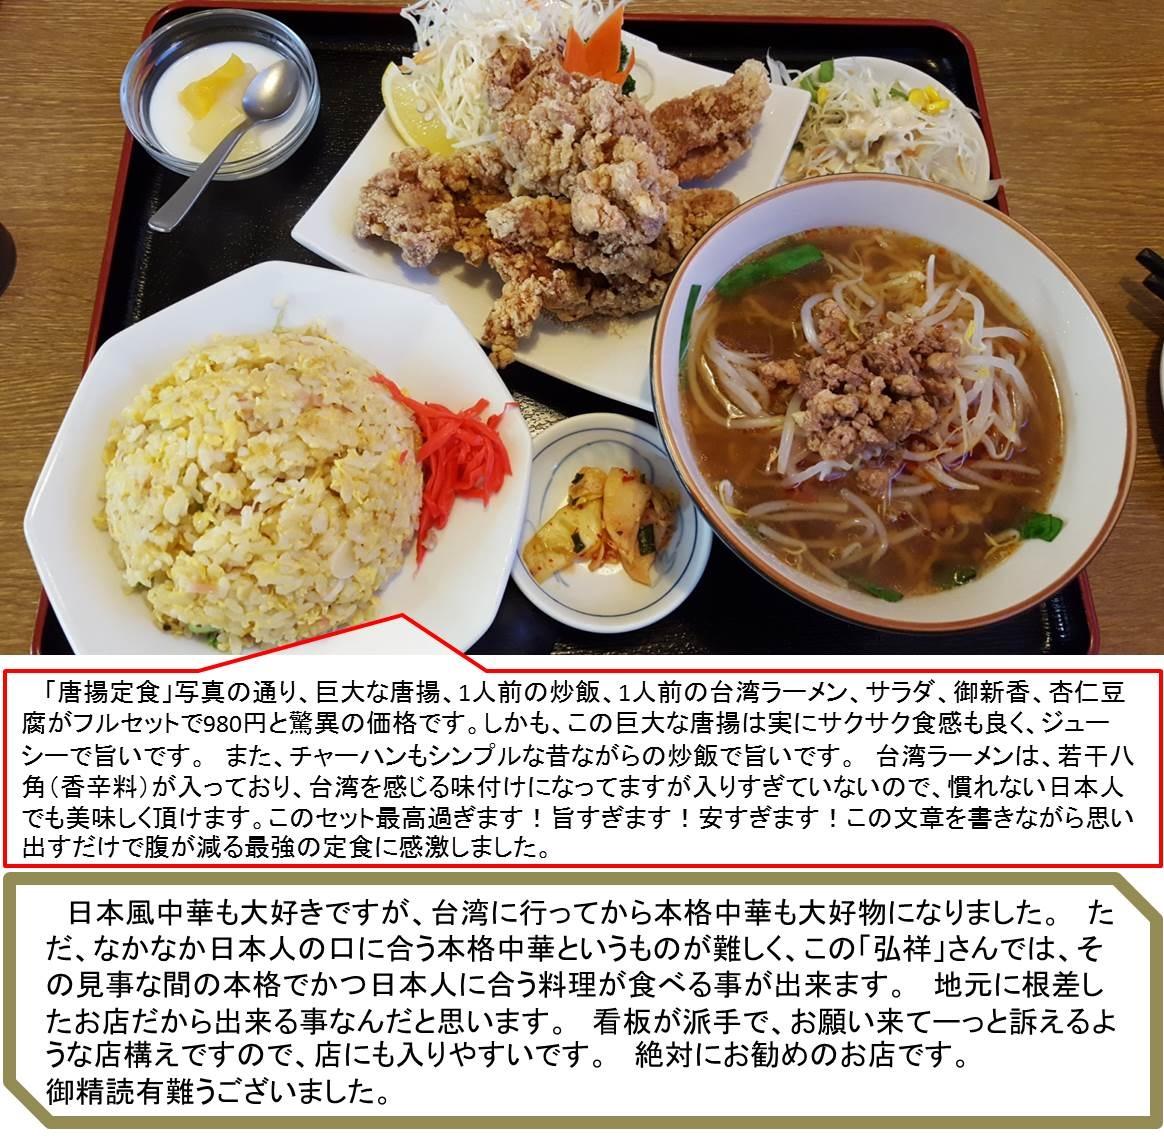 「唐揚定食」写真の通り、巨大な唐揚、1人前の炒飯、1人前の台湾ラーメン、サラダ、御新香、杏仁豆腐がフルセットで980円と驚異の価格です。しかも、この巨大な唐揚は実にサクサク食感も良く、ジューシーで旨いです。 また、チャーハンもシンプルな昔ながらの炒飯で旨いです。 台湾ラーメンは、若干八角(香辛料)が入っており、台湾を感じる味付けになってますが入りすぎていないので、慣れない日本人でも美味しく頂けます。このセット最高過ぎます!旨すぎます!安すぎます!この文章を書きながら思い出すだけで腹が減る最強の定食に感激しました。   日本風中華も大好きですが、台湾に行ってから本格中華も大好物になりました。 ただ、なかなか日本人の口に合う本格中華というものが難しく、この「弘祥」さんでは、その見事な間の本格でかつ日本人に合う料理が食べる事が出来ます。 地元に根差したお店だから出来る事なんだと思います。 看板が派手で、お願い来てーっと訴えるような店構えですので、店にも入りやすいです。 絶対にお勧めのお店です。  御精読有難うございました。